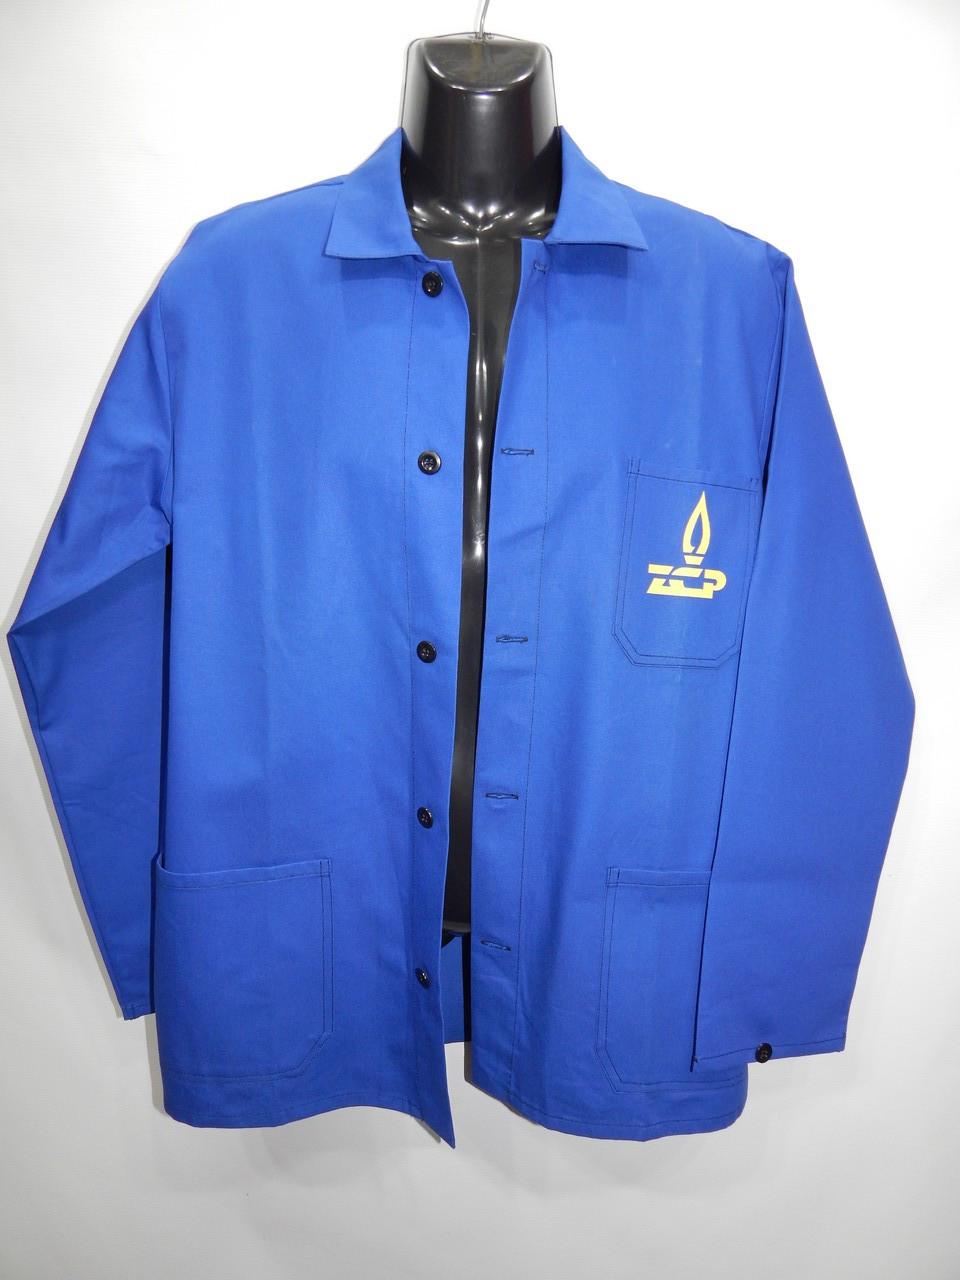 Куртка мужская рабочая демисезонная Paliska р.48 028МРК